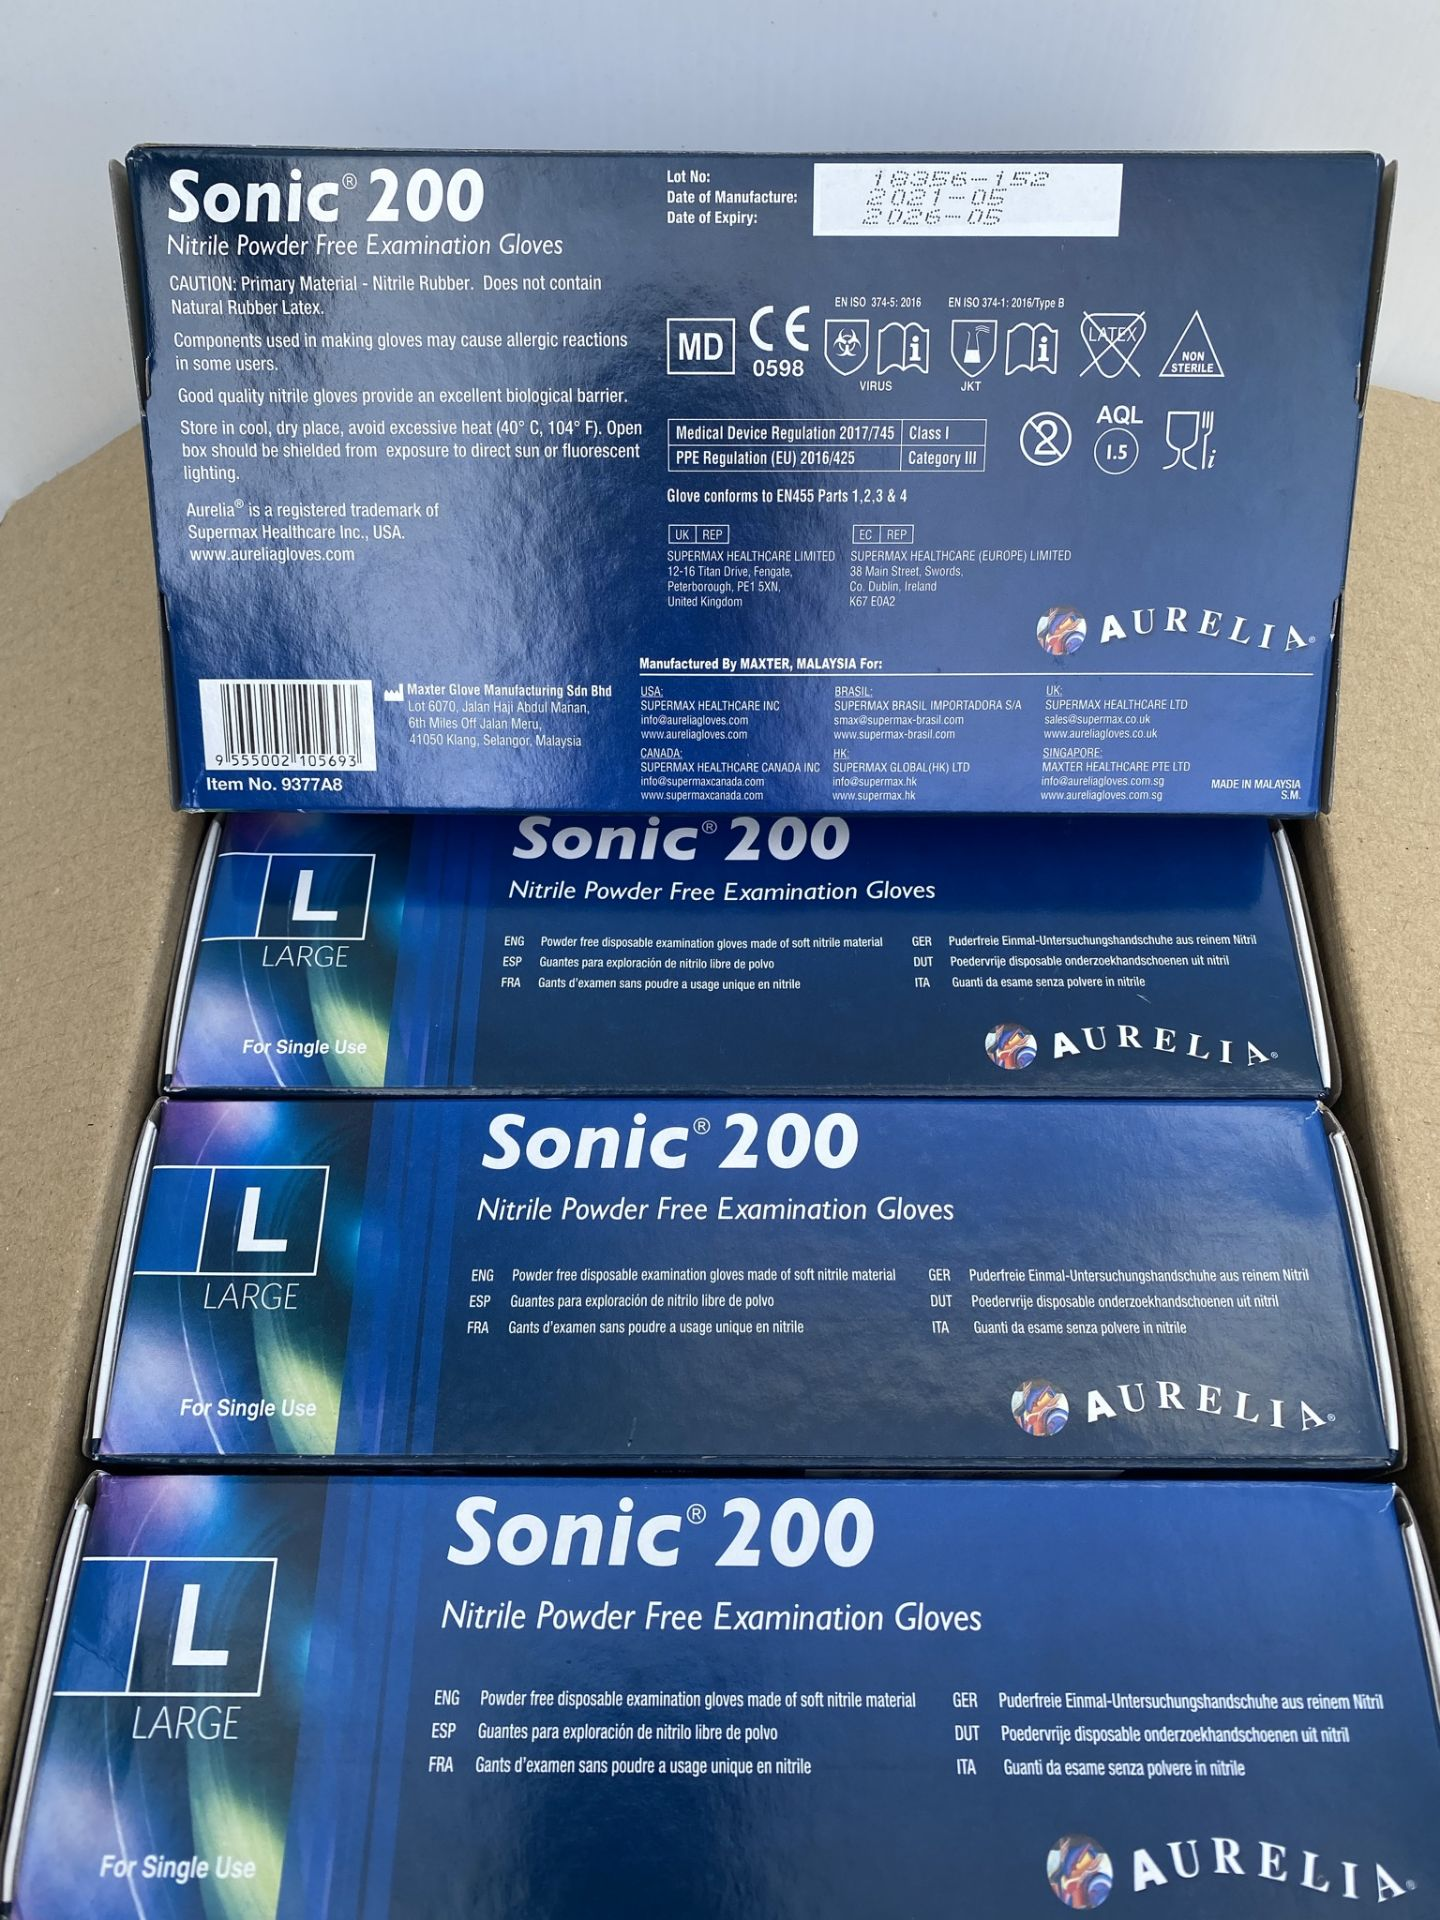 10 x boxes of 200 x Aurelia Sonic 200 Nitrile Powder Free Examination Gloves - Size Large - Expiry - Image 2 of 2